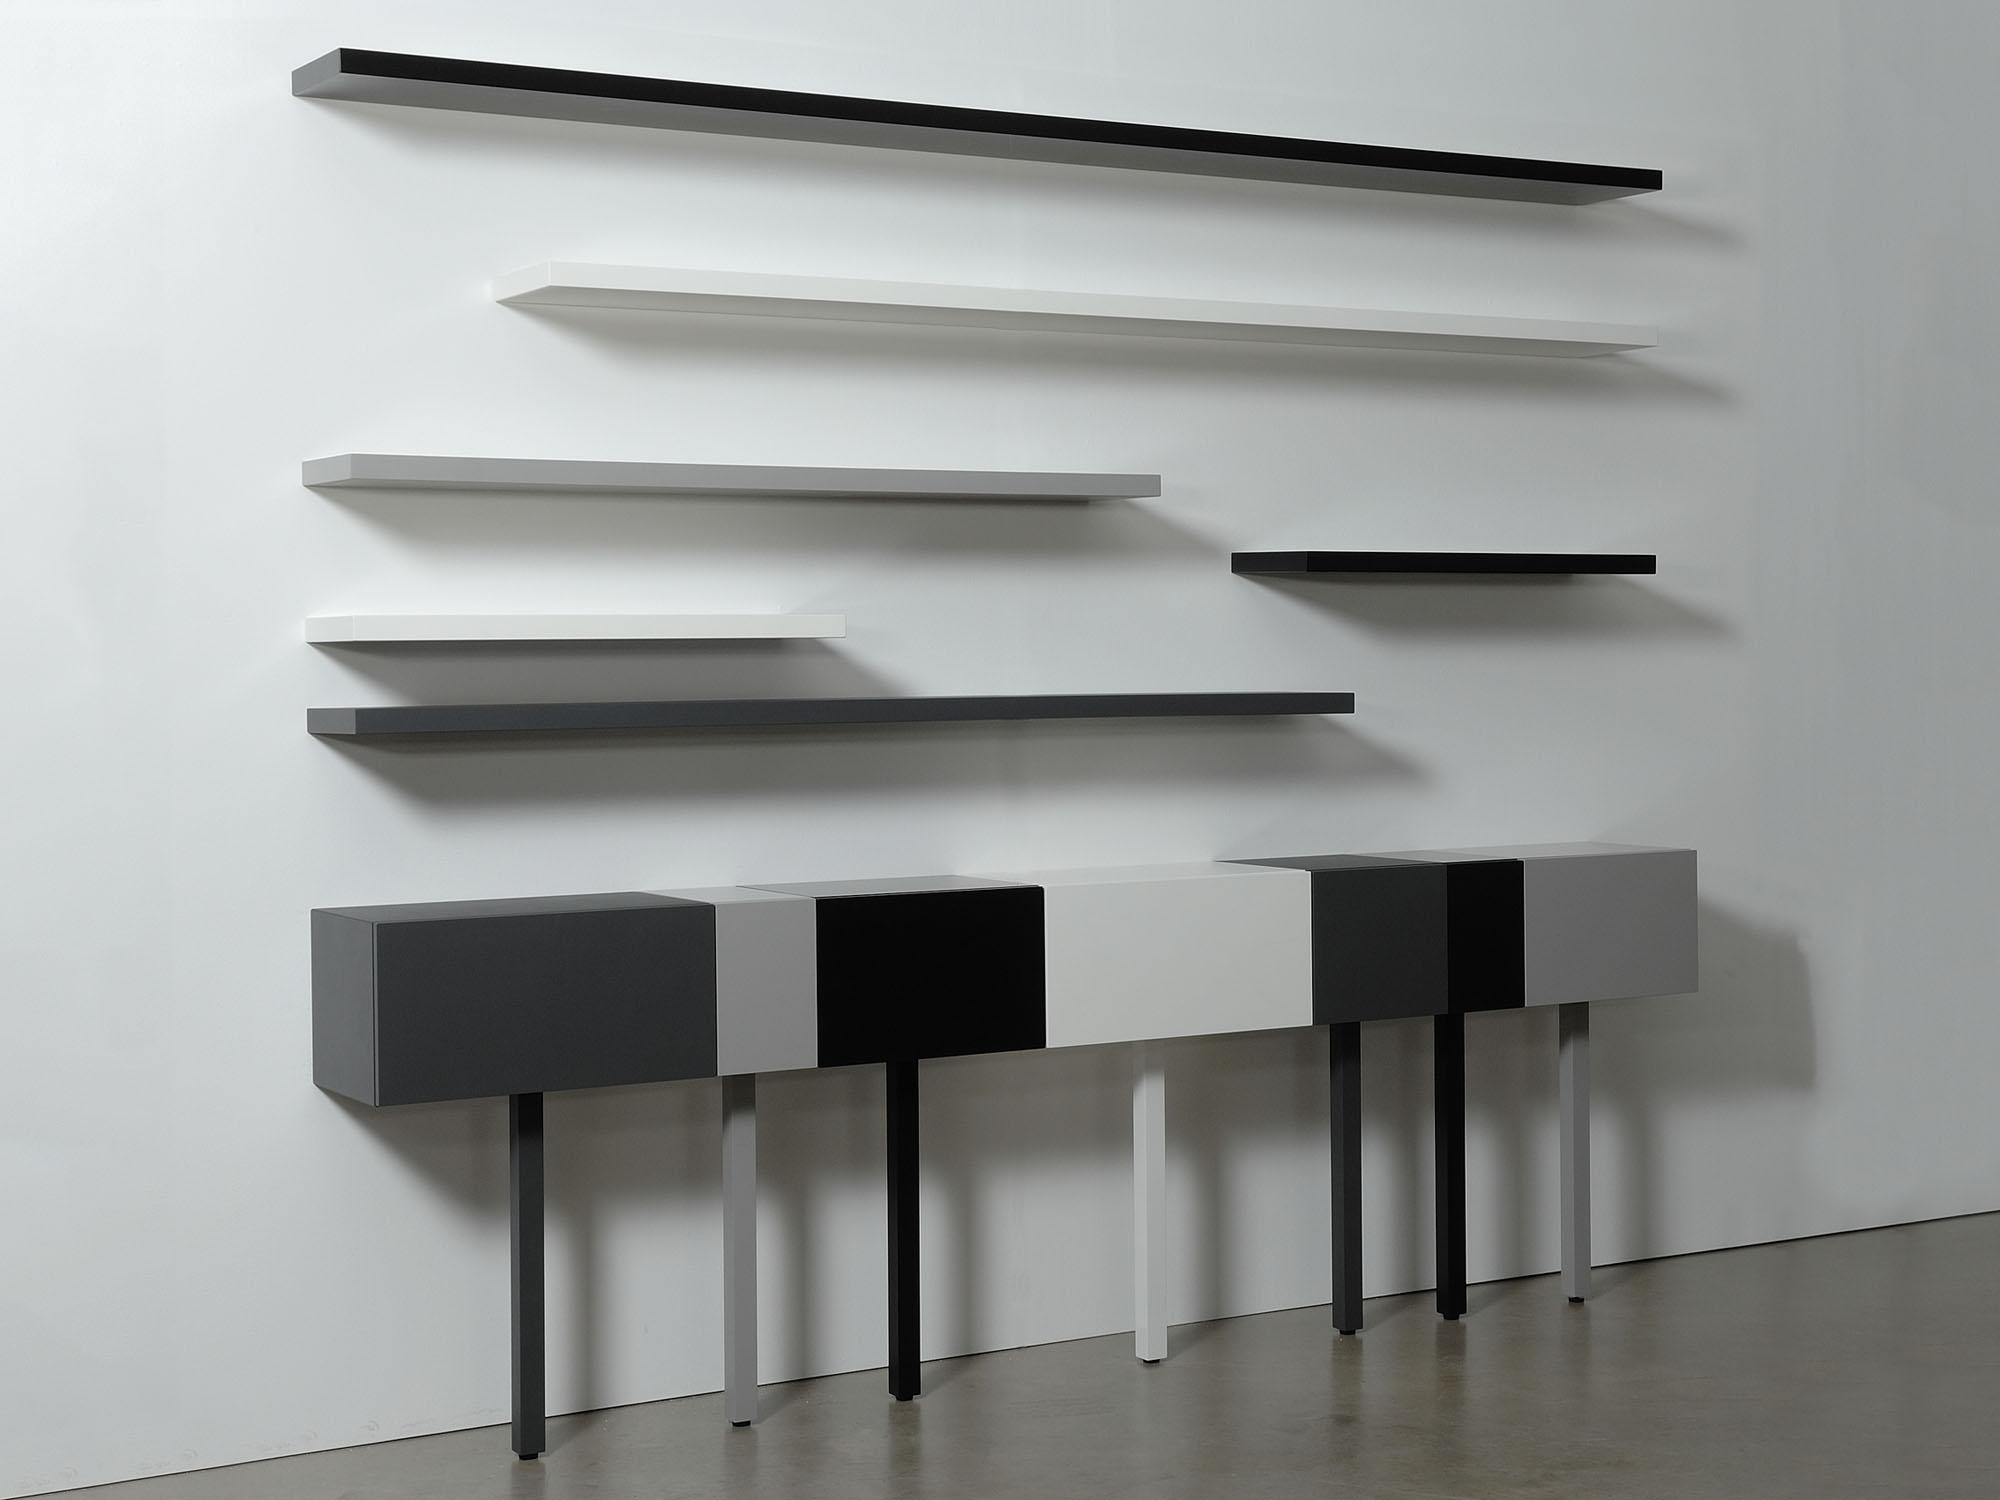 Castelijn Wandplanken - Design by Castelijn Team